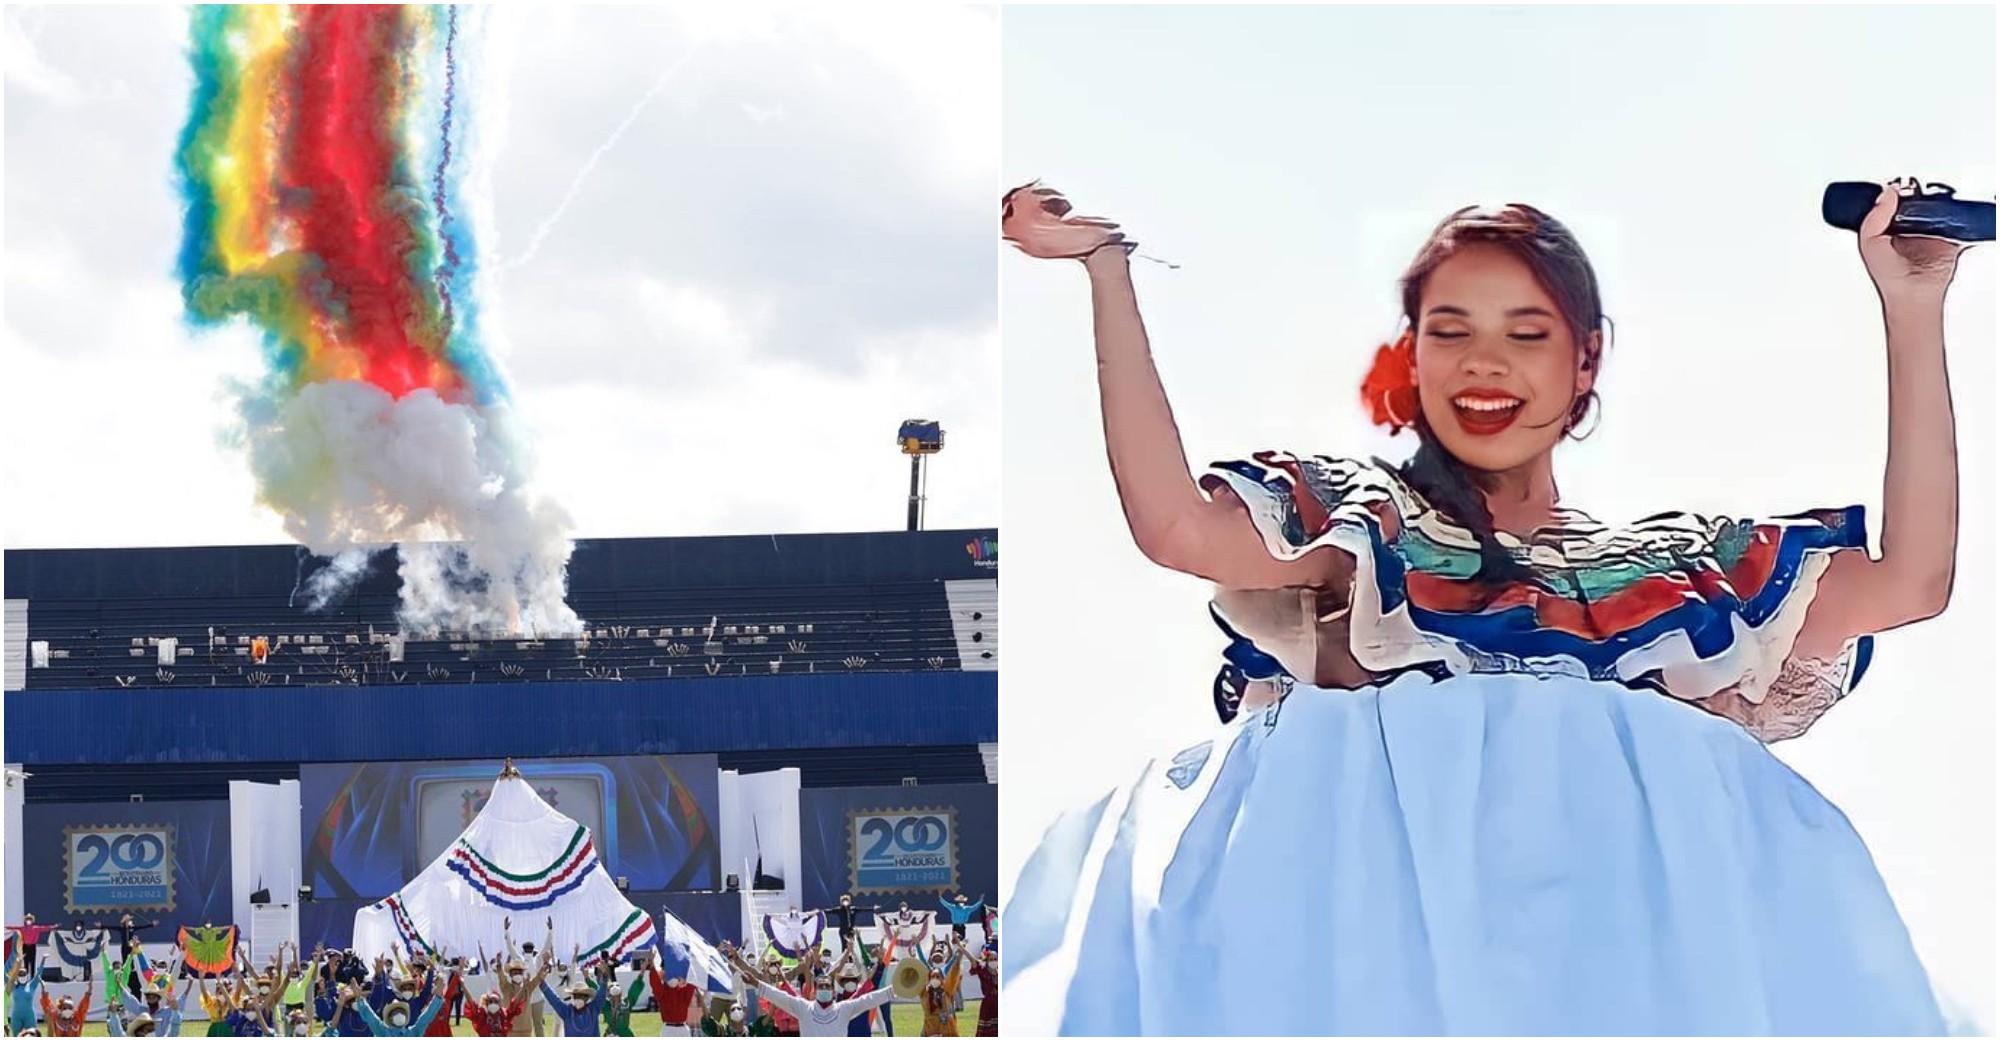 Angie Flores destacó en el Bicentenario con canciones folclóricas